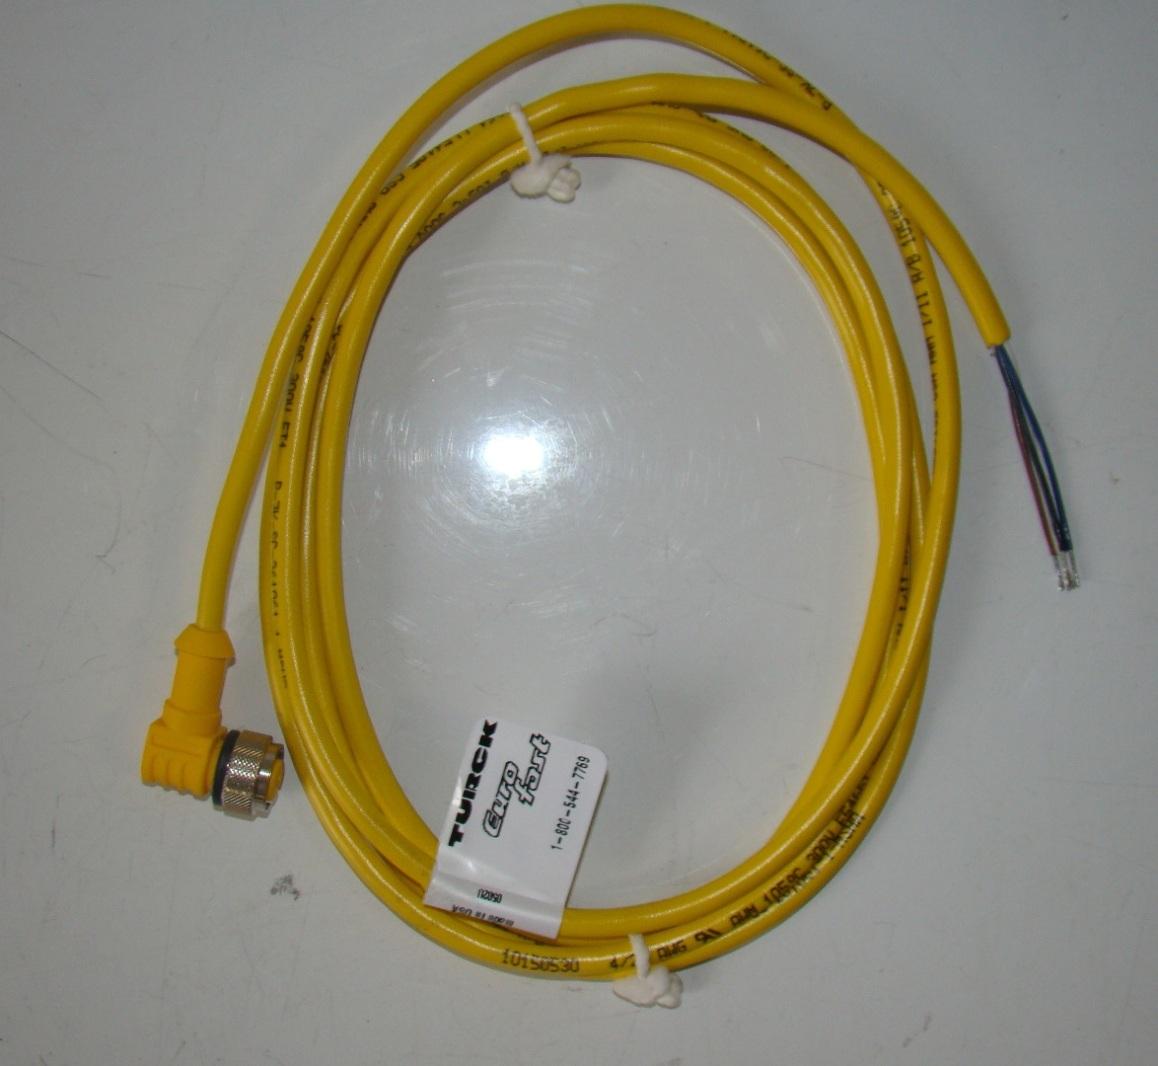 Turck Sensor Cables : Turck sensor cable u ebay